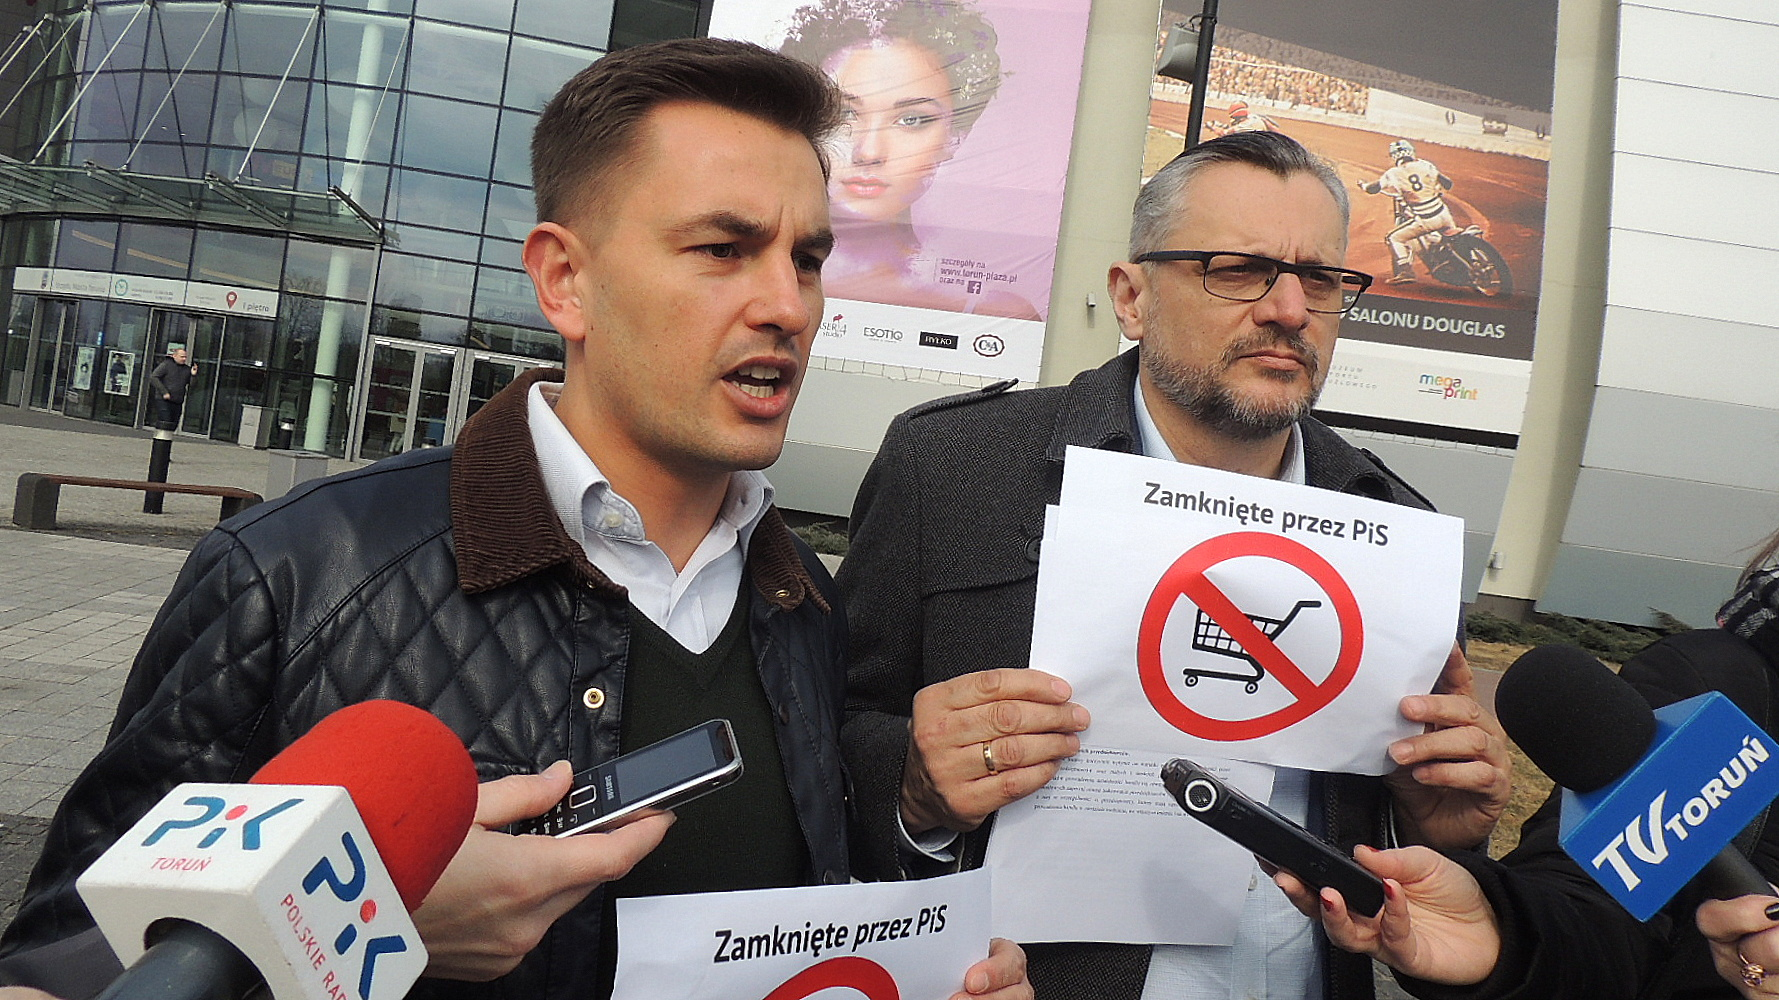 Posłowie Arkadiusz Myrcha (z lewej) i Tomasz Lenz podczas konferencji. Fot. Michał Zaręba